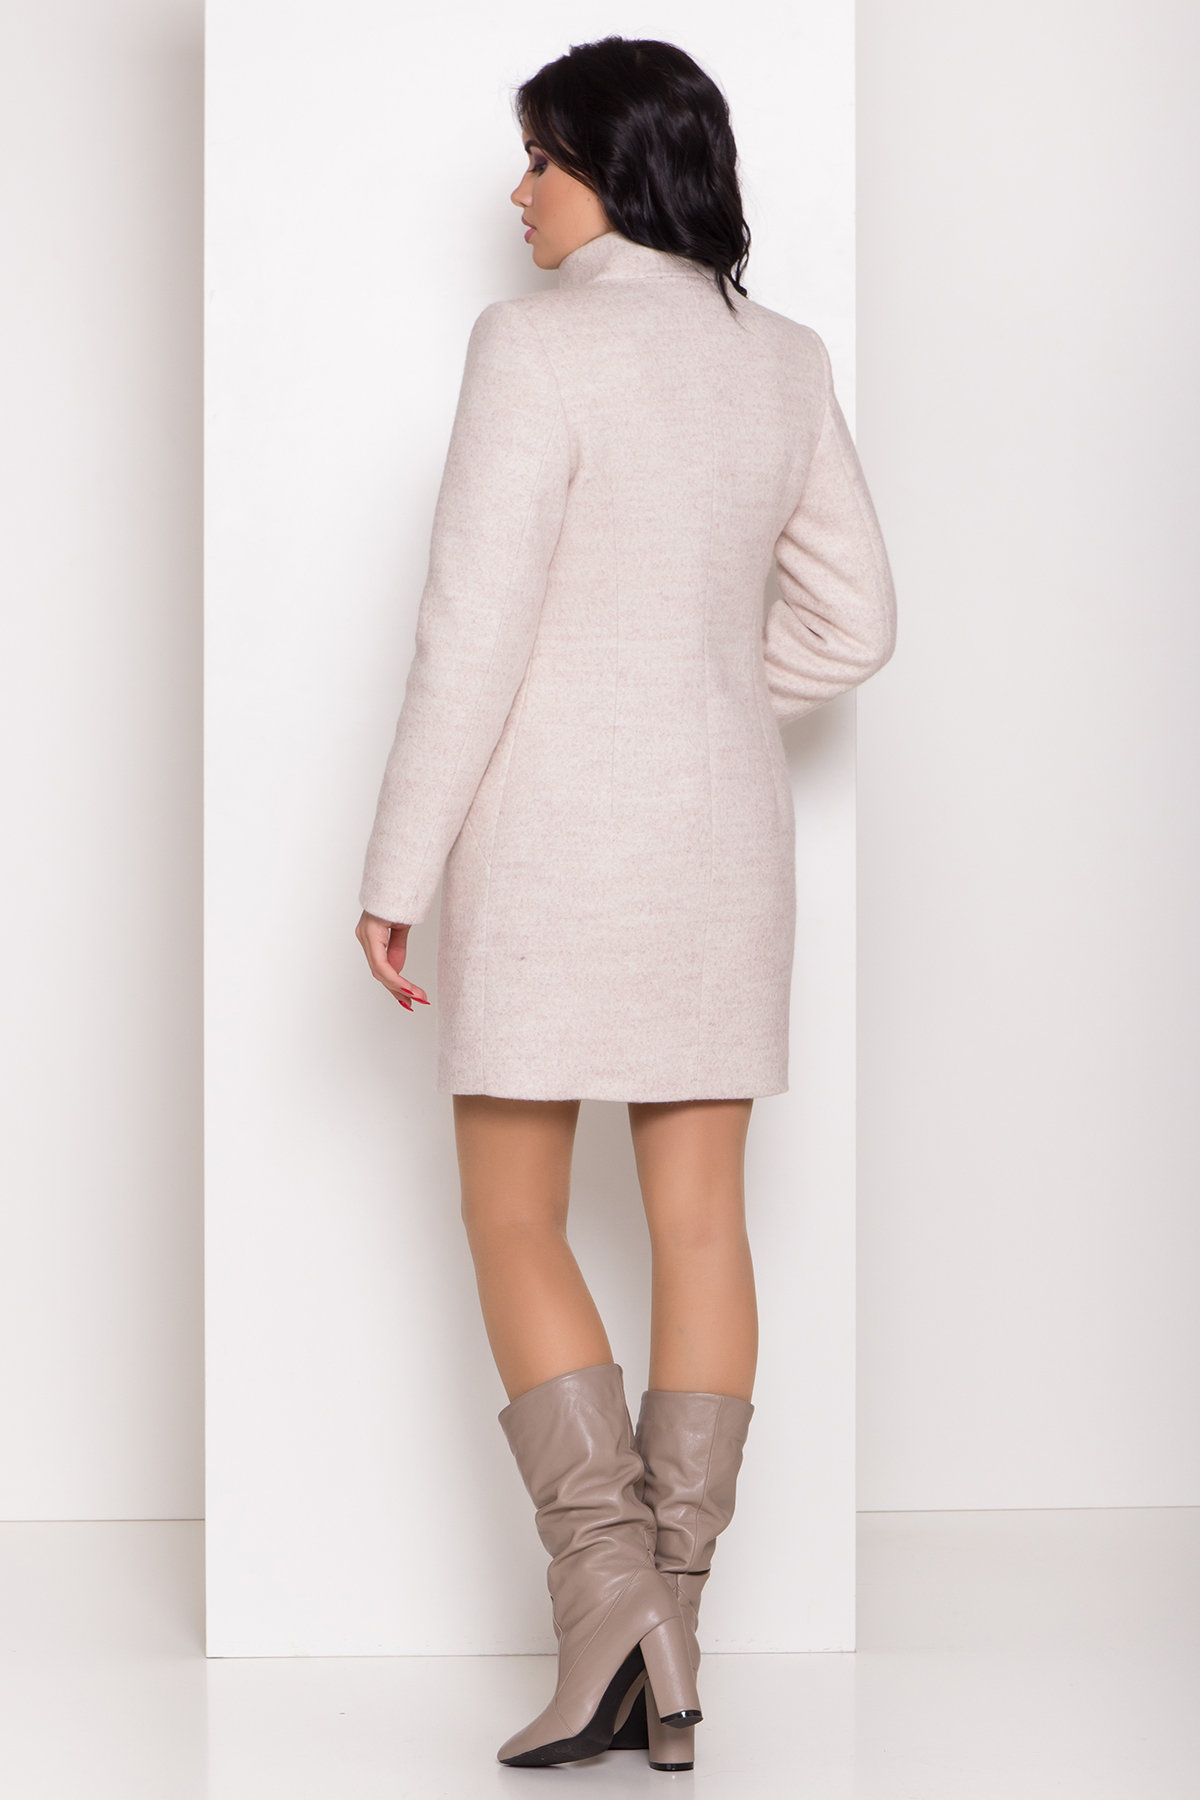 Зимнее пальто с круговым шарфом  Сплит 8406 АРТ. 44631 Цвет: Бежевый 21 - фото 5, интернет магазин tm-modus.ru